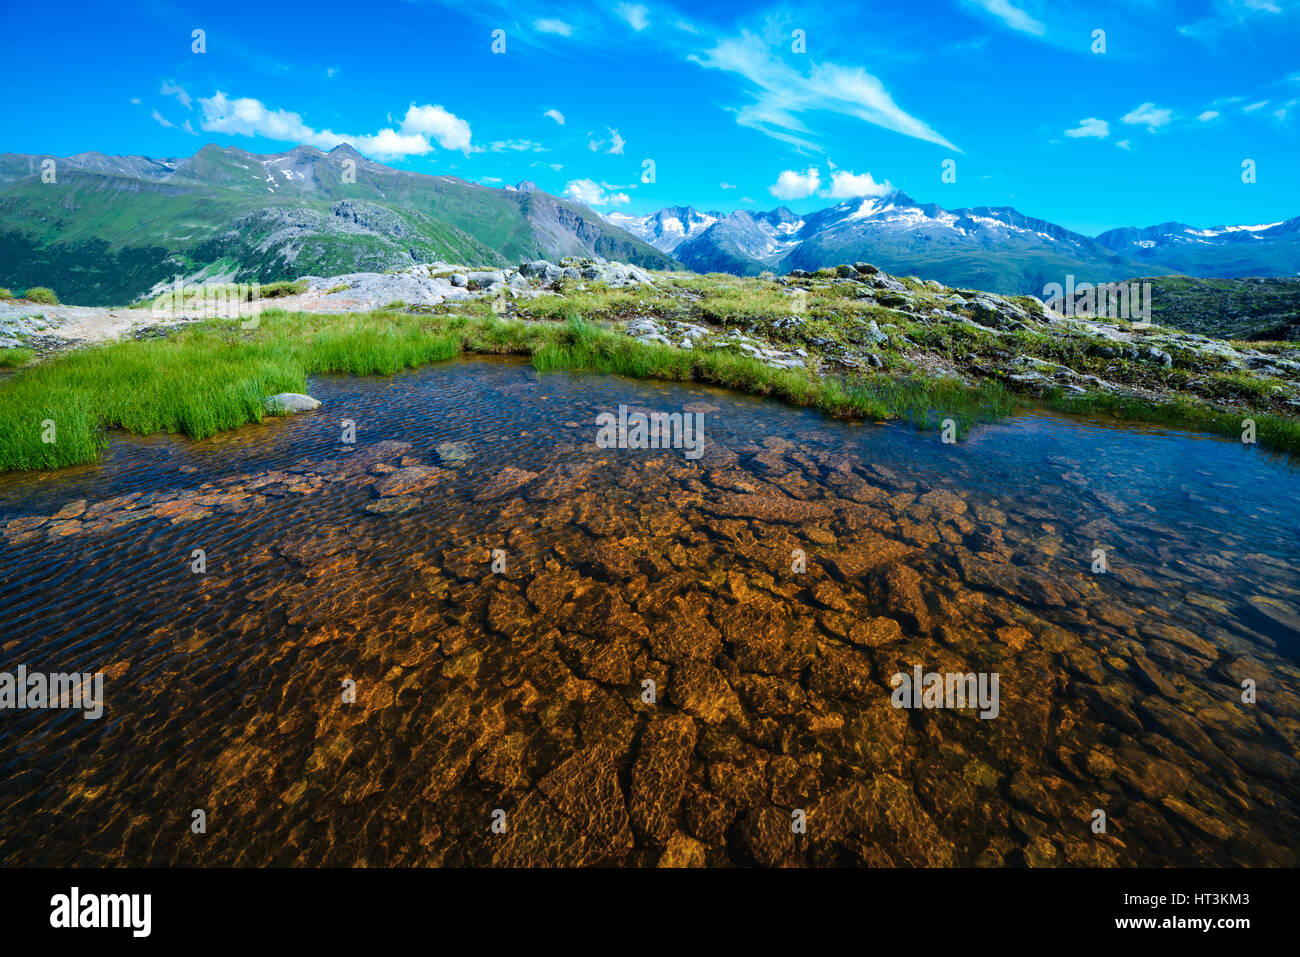 Herrliche Aussicht auf den kleinen See in der Nähe von Totensee See auf der Oberseite Grimselpass. Alpen, die Stockbild